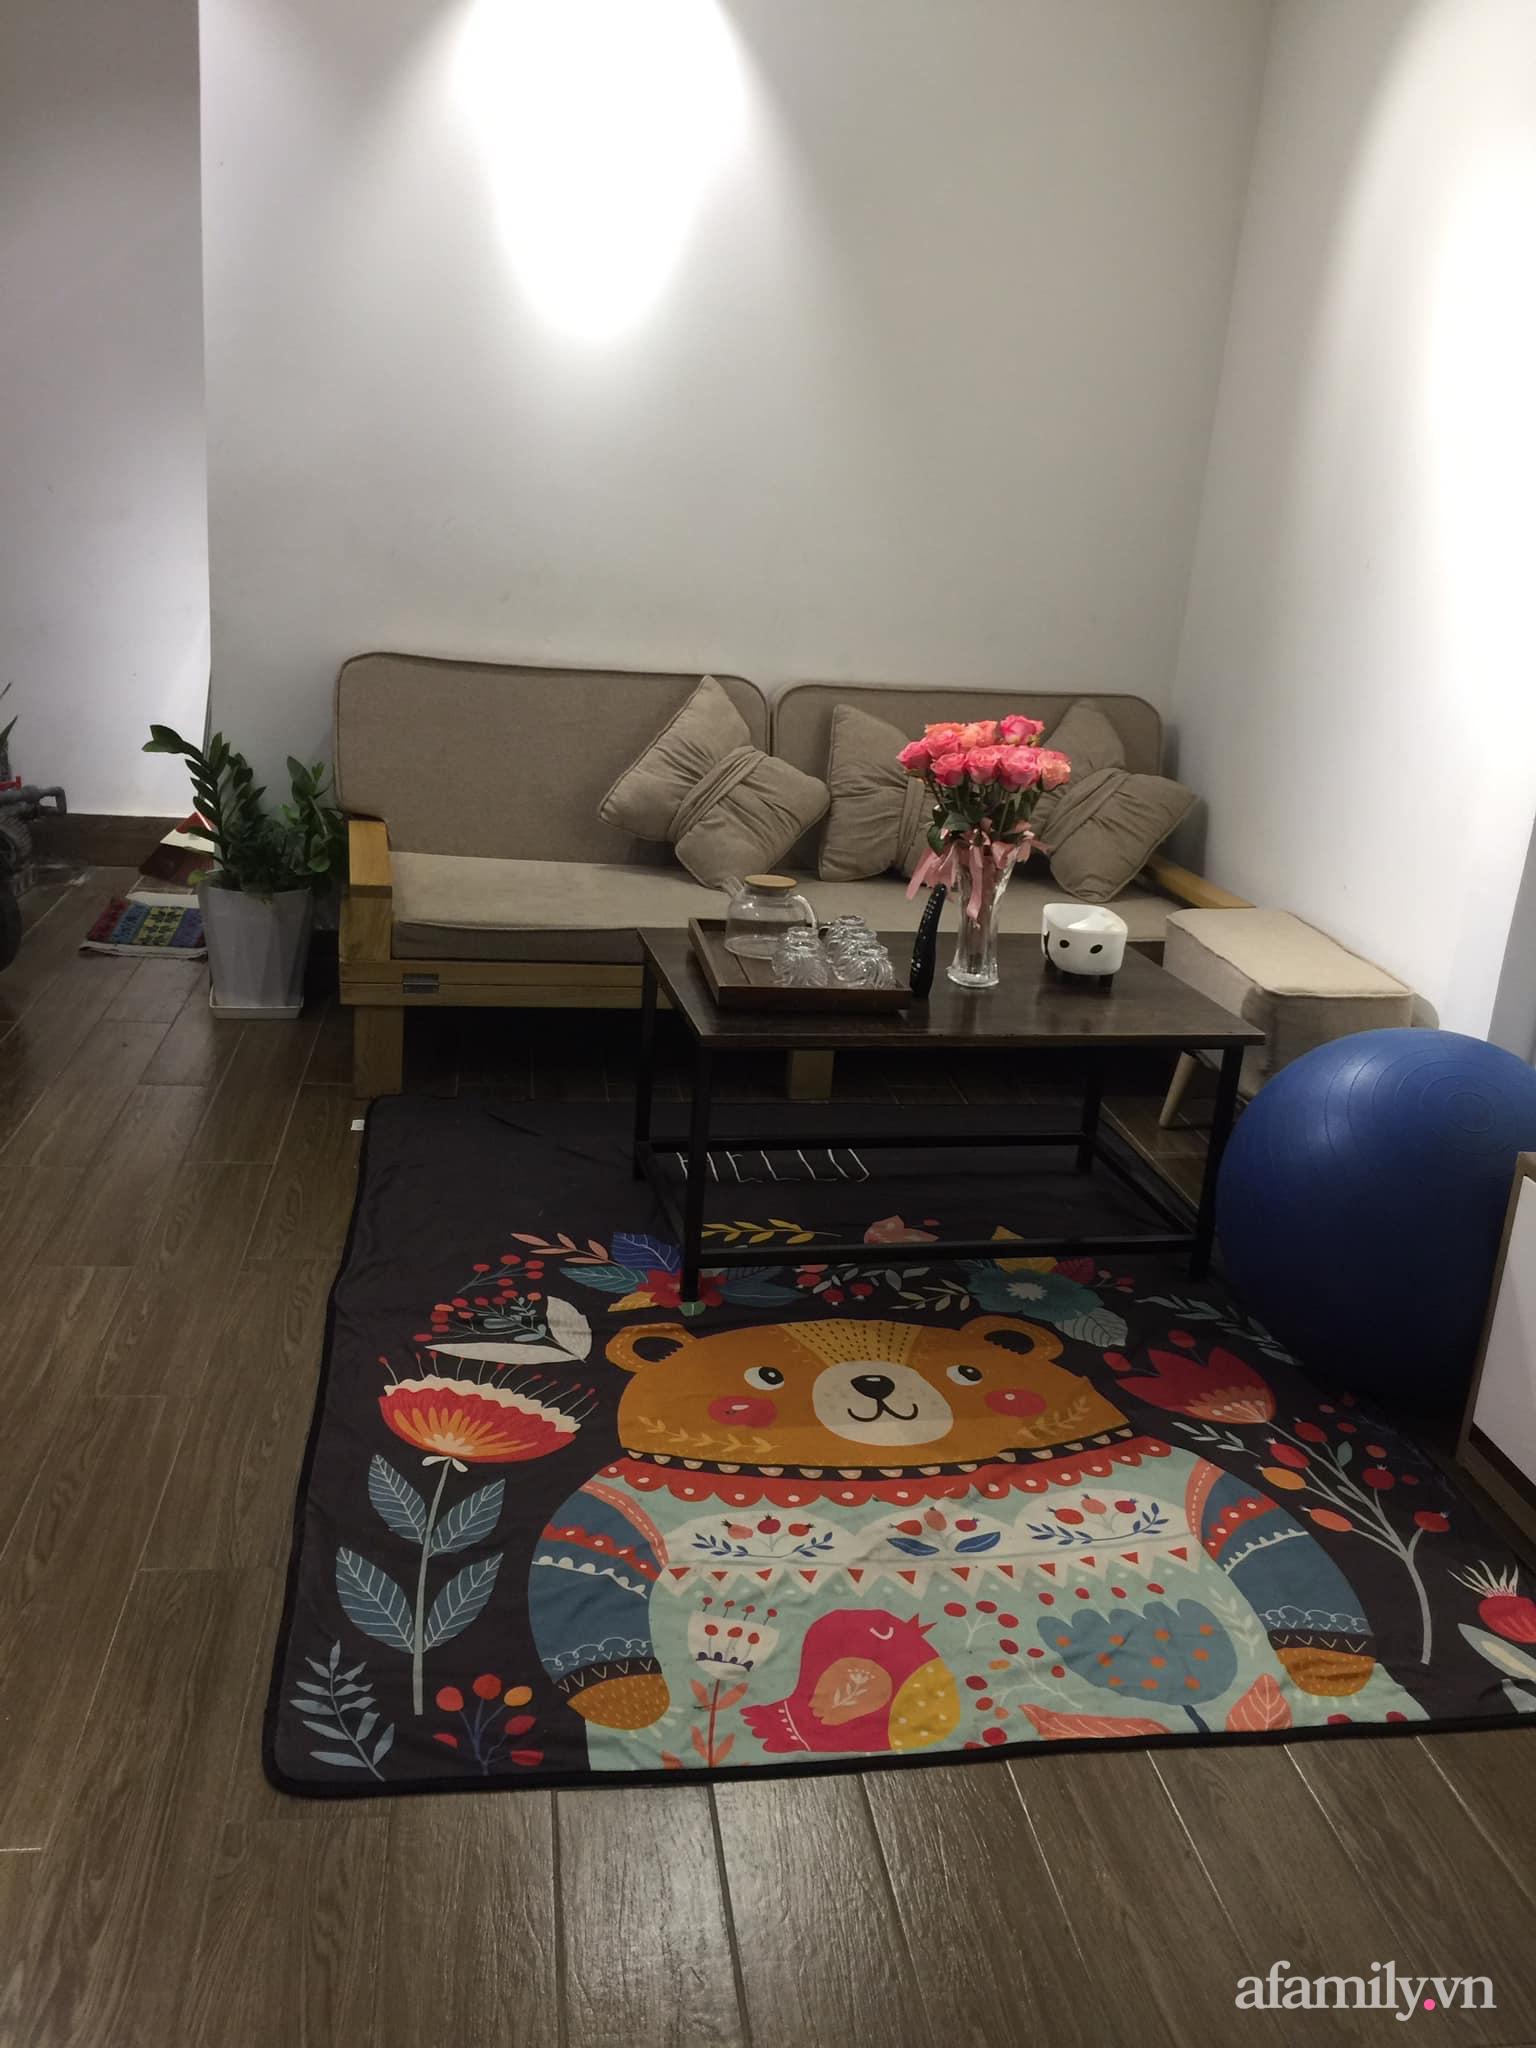 Chán cảnh thuê nhà, vợ chồng trẻ tích cóp tiền cải tạo nhà phố 20m² thành tổ ấm lý tưởng ở Hà Nội - Ảnh 2.